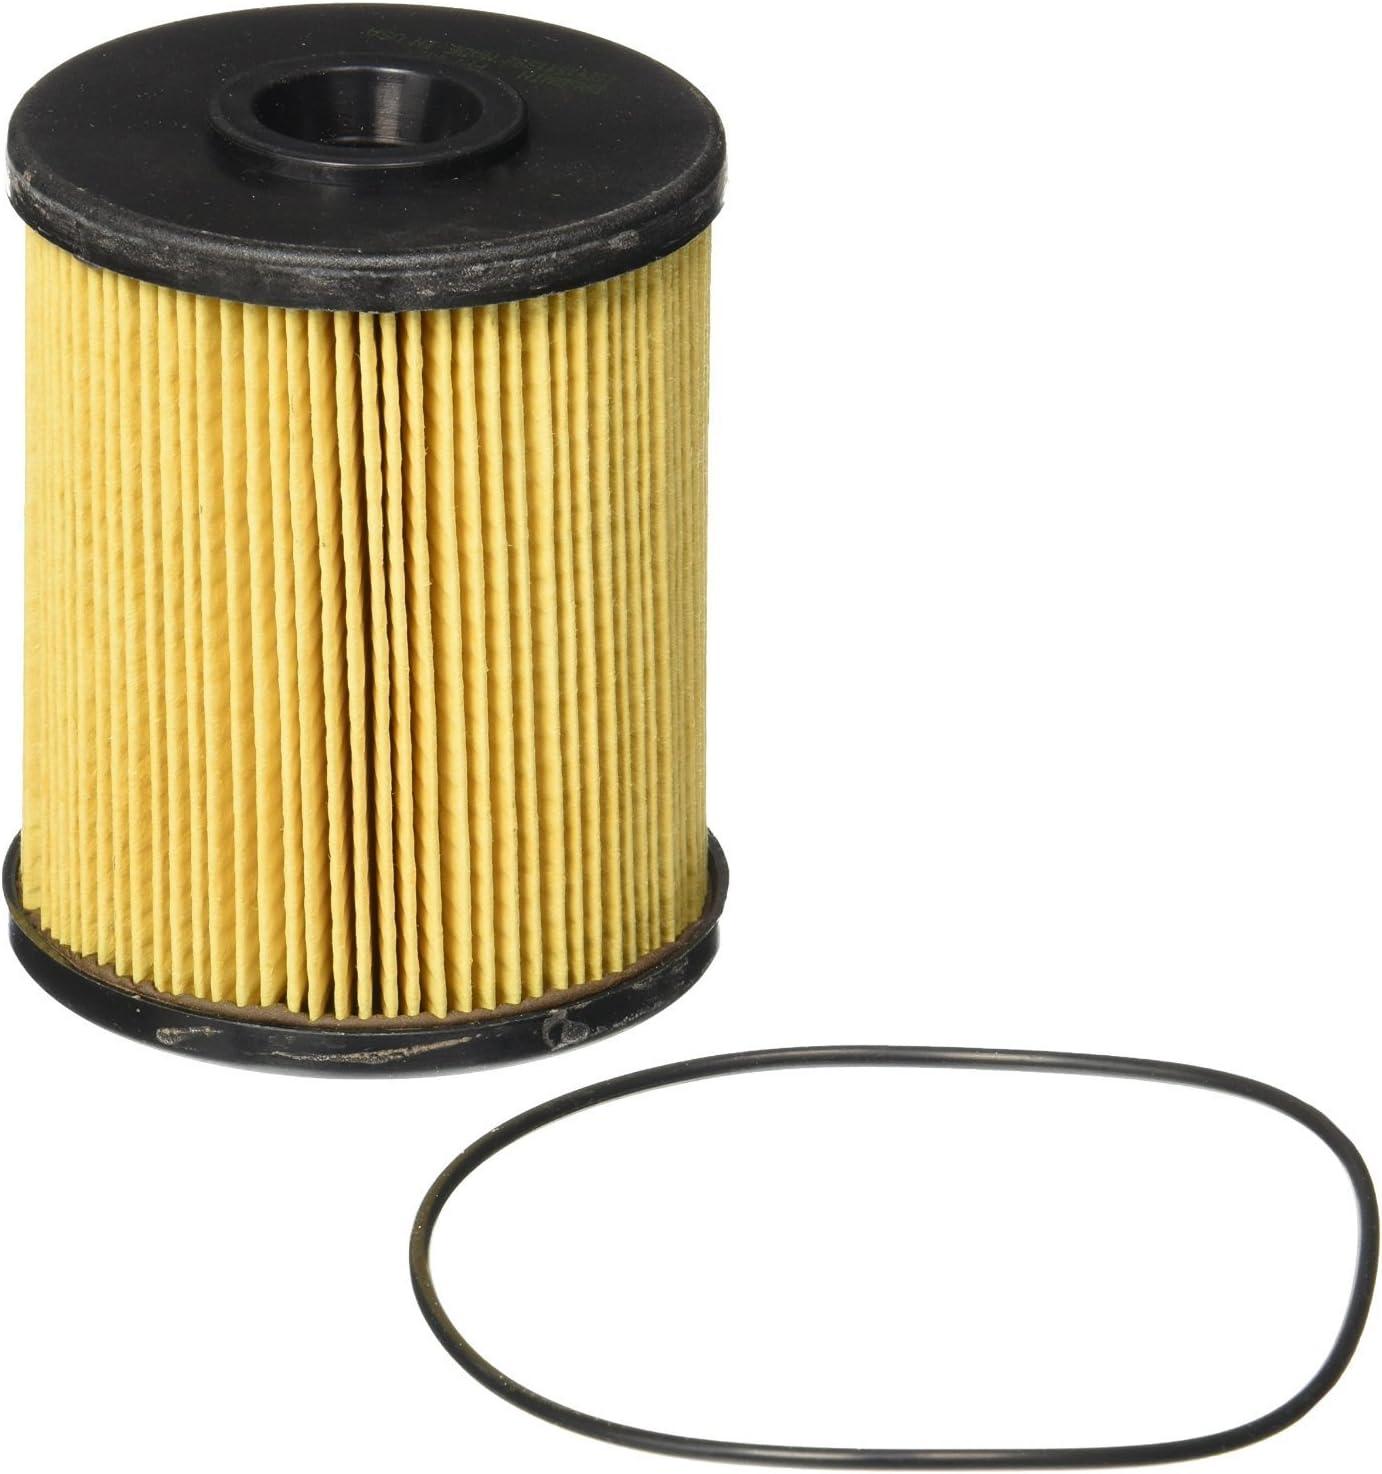 PF9911 Baldwin Heavy Duty Fuel Filter